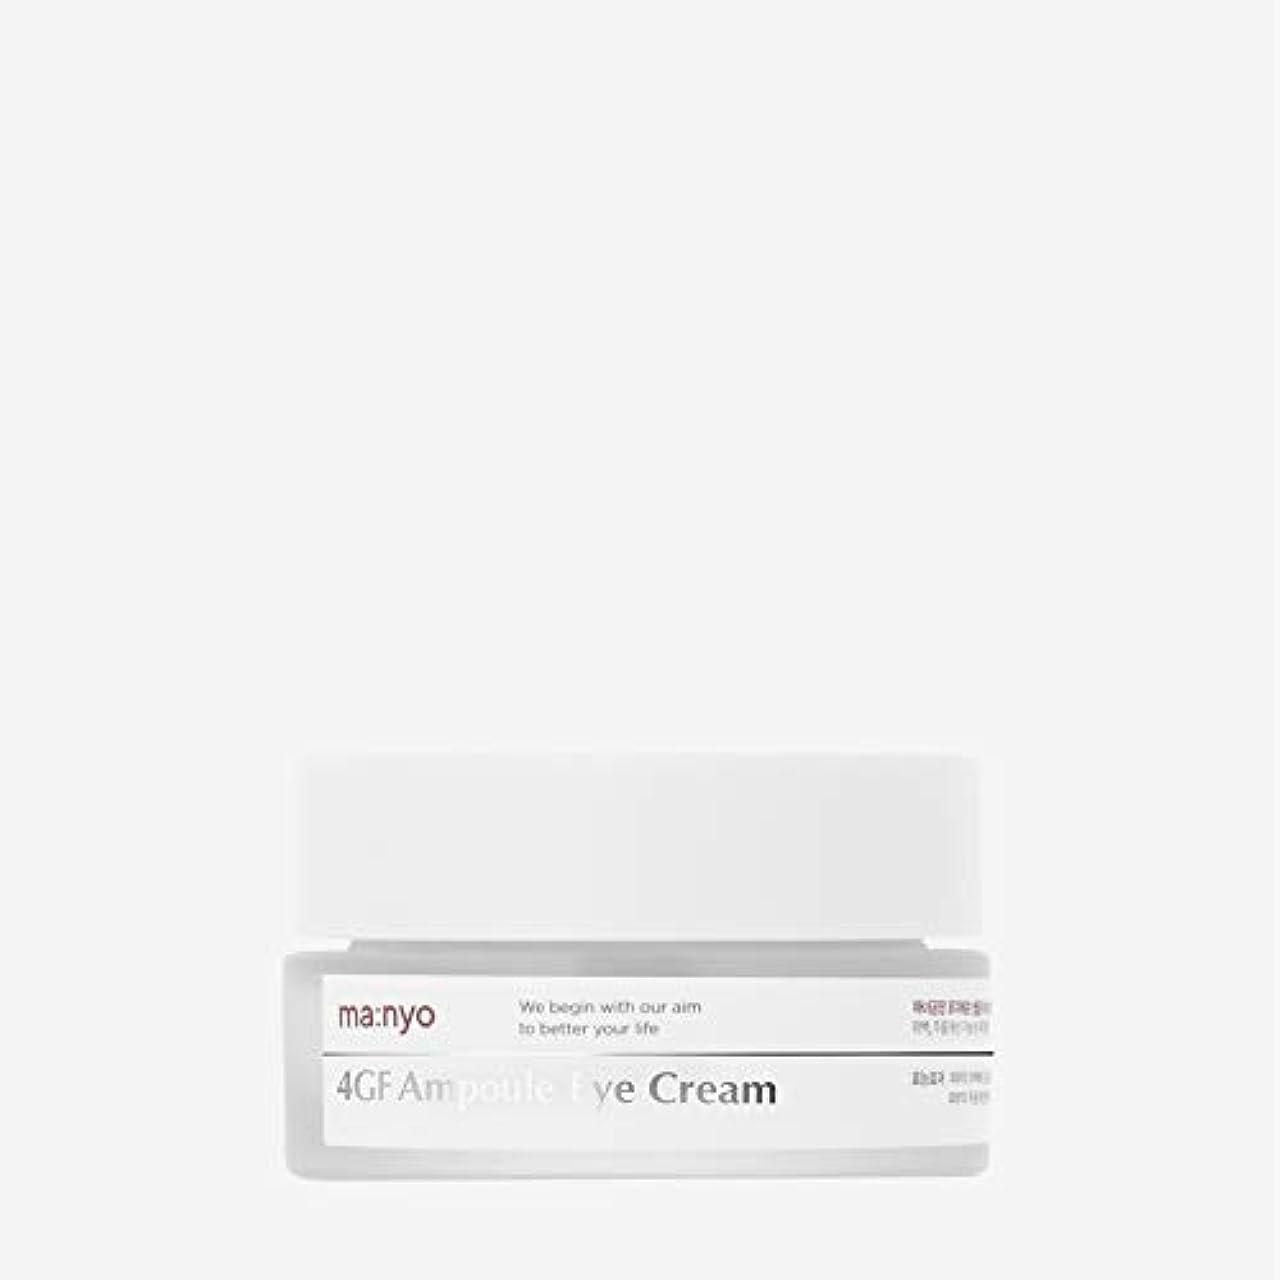 違反解説前提魔女工場(Manyo Factory) 4GFアイクリーム 30ml / 死ぬまでに1度は塗ってみたい、その成分